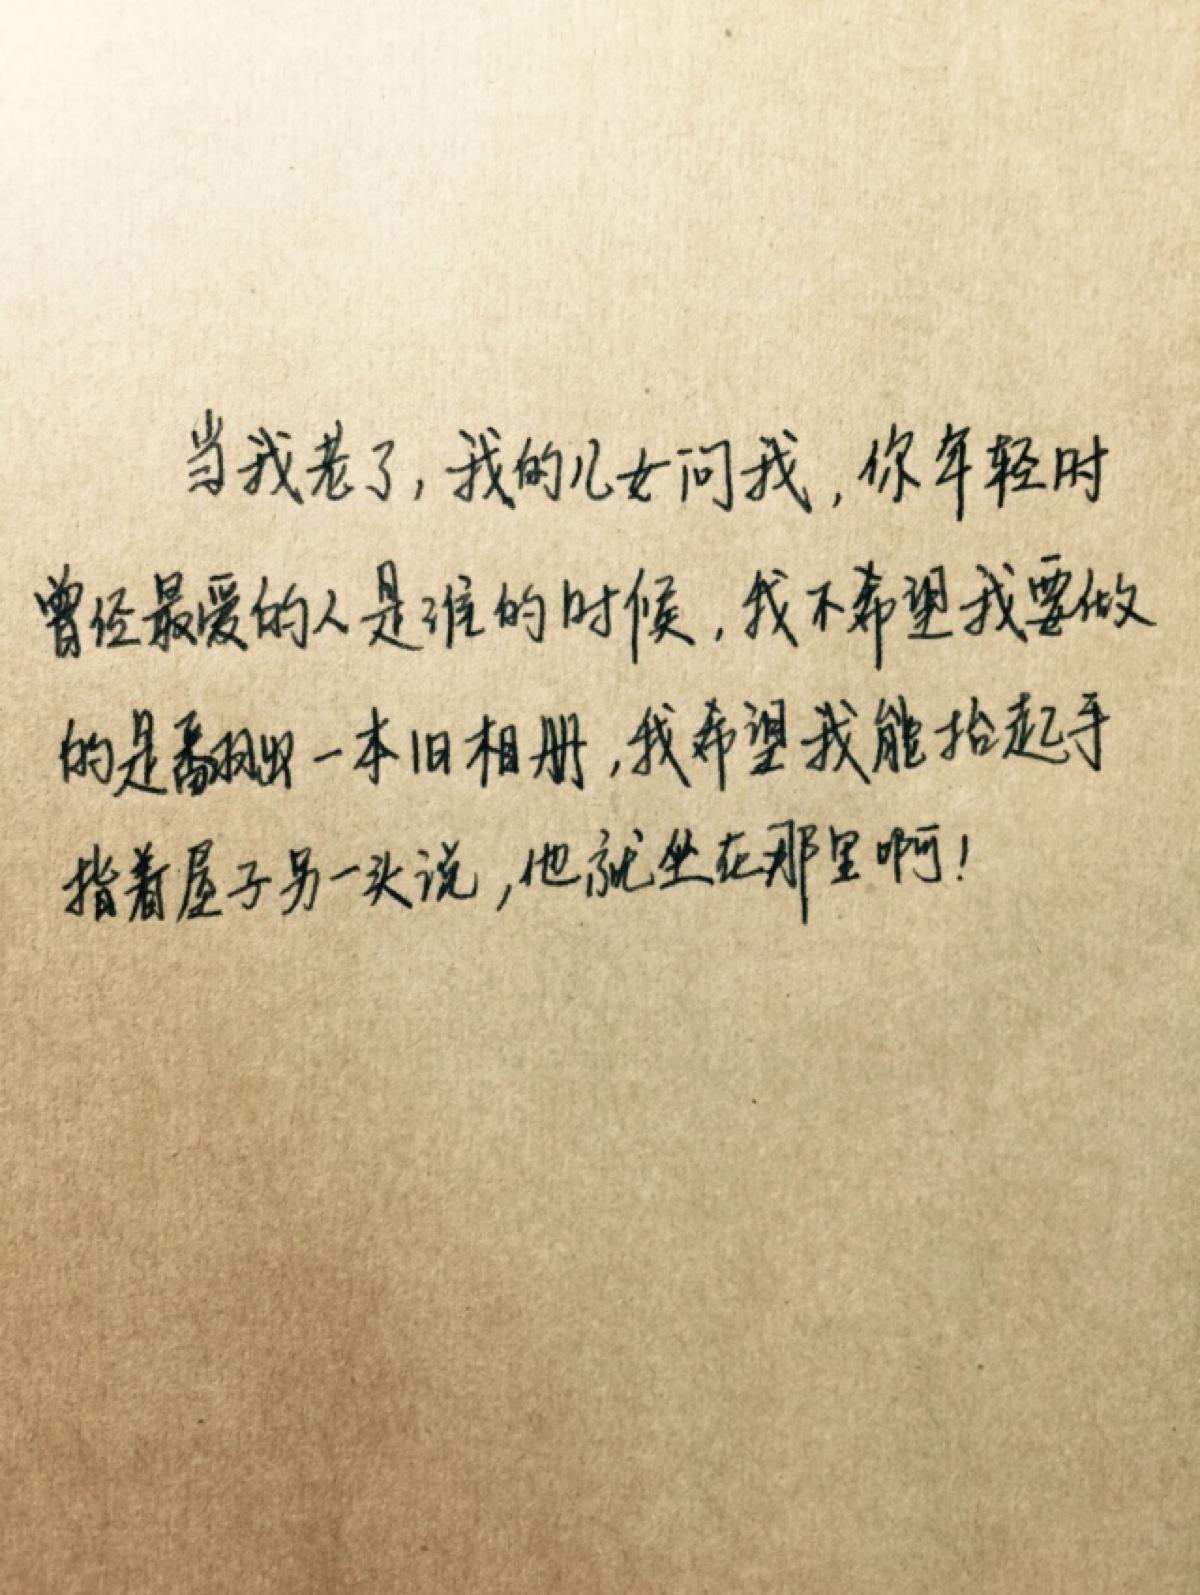 表白的句子简短20个字【表白妈妈的暖心句子简短】